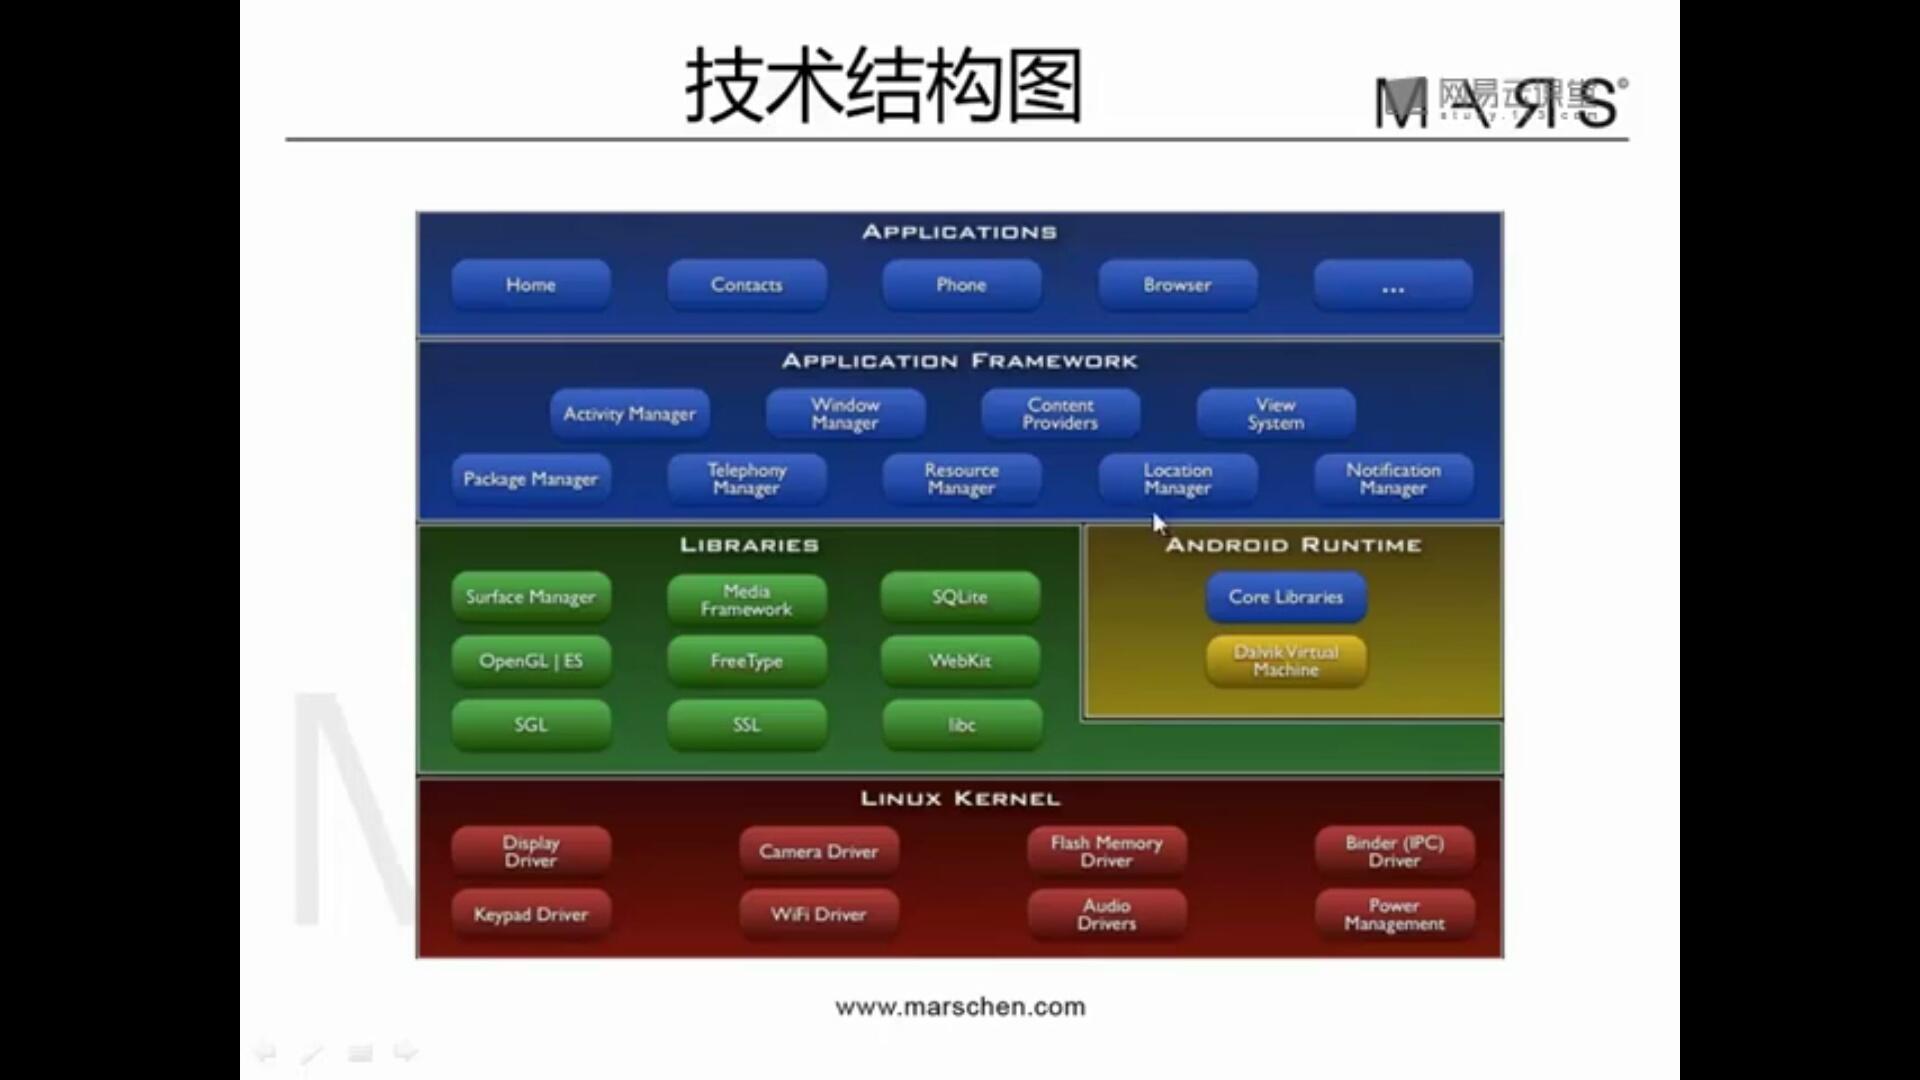 新科技公司工资管理系统